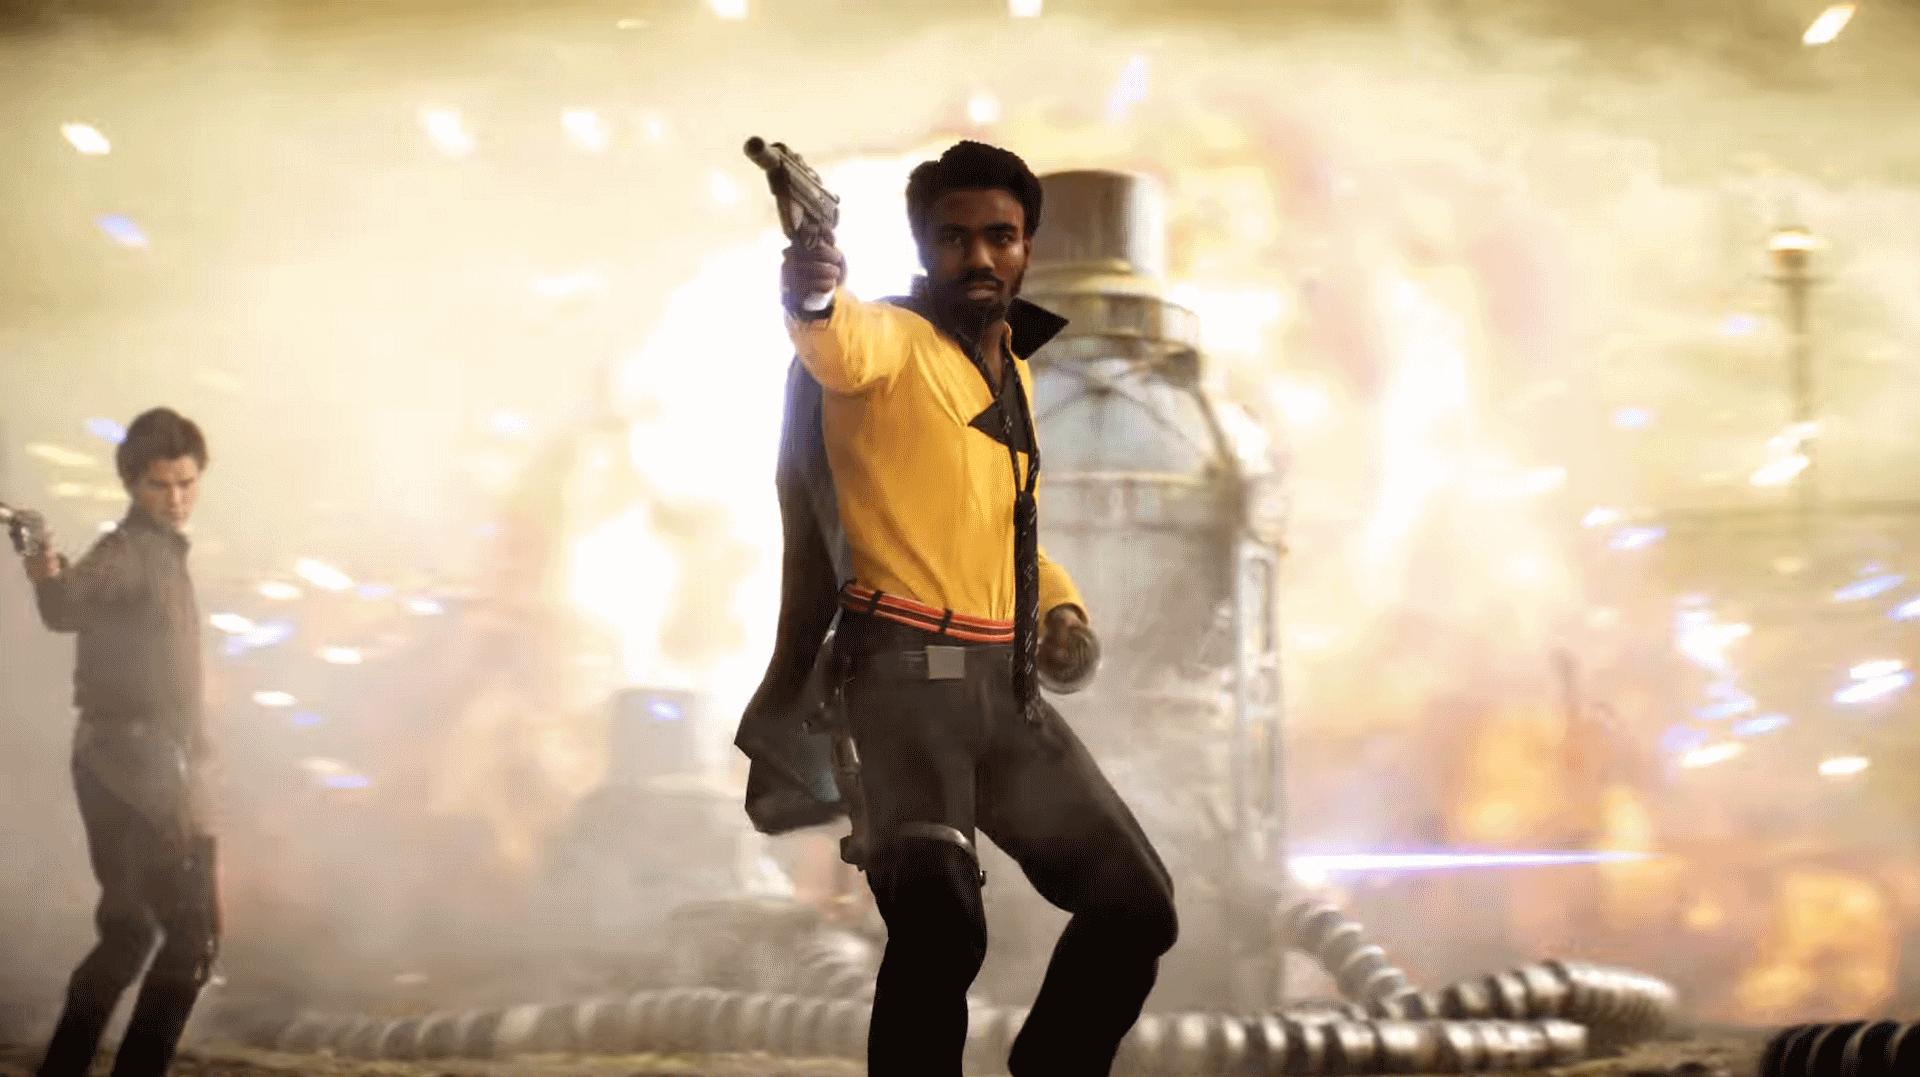 Une nouvelle carte et un nouveau mode arrivent sur Star Wars Battlefront 2 pour la saison Han Solo.